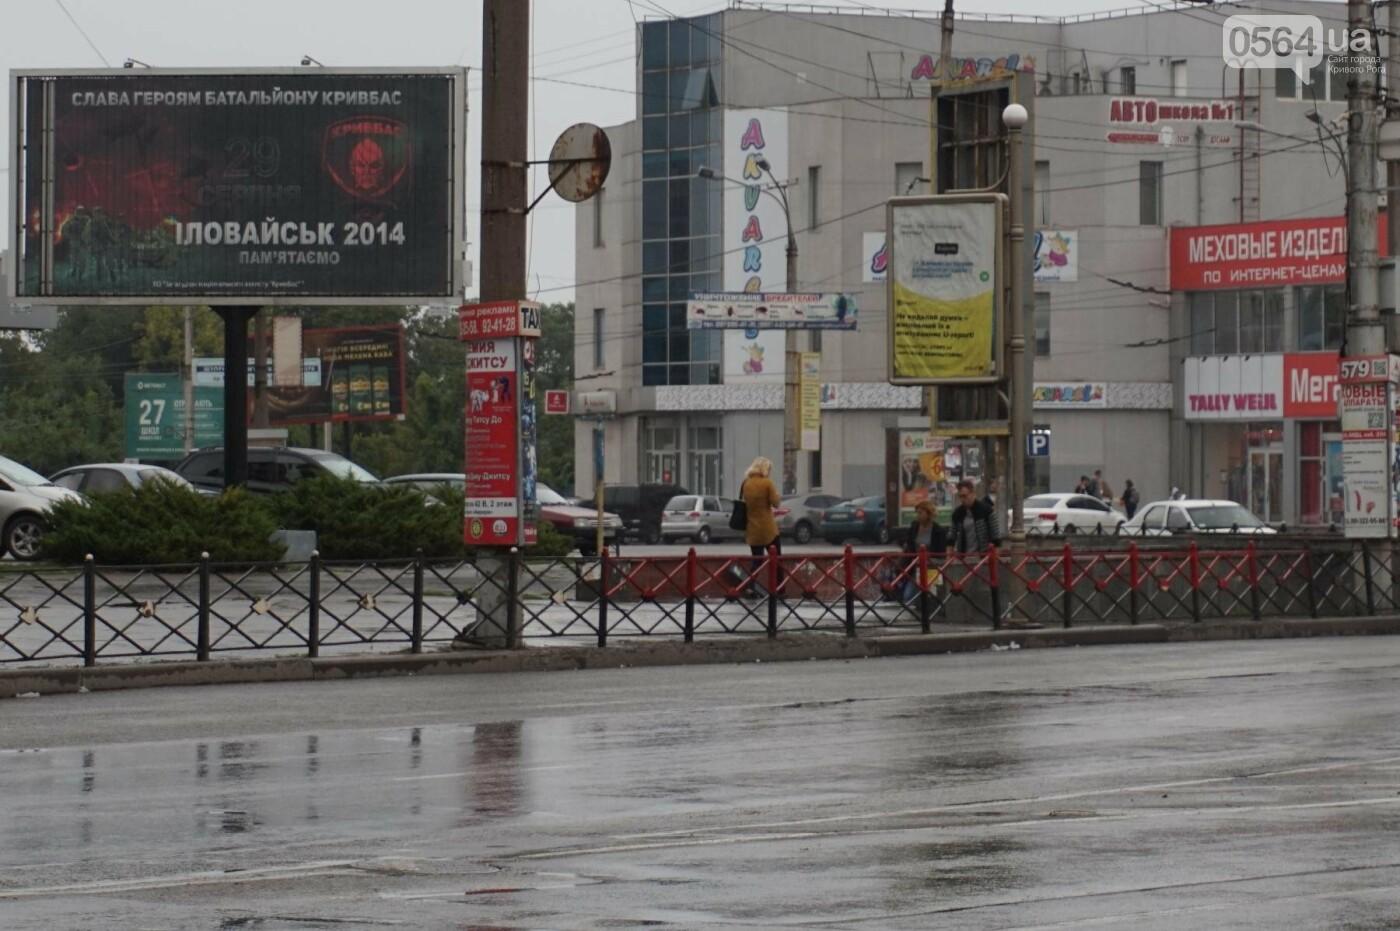 Центр Кривого Рога раскрашивают в красно-черный и сине-желтый цвета, - ФОТО , фото-6